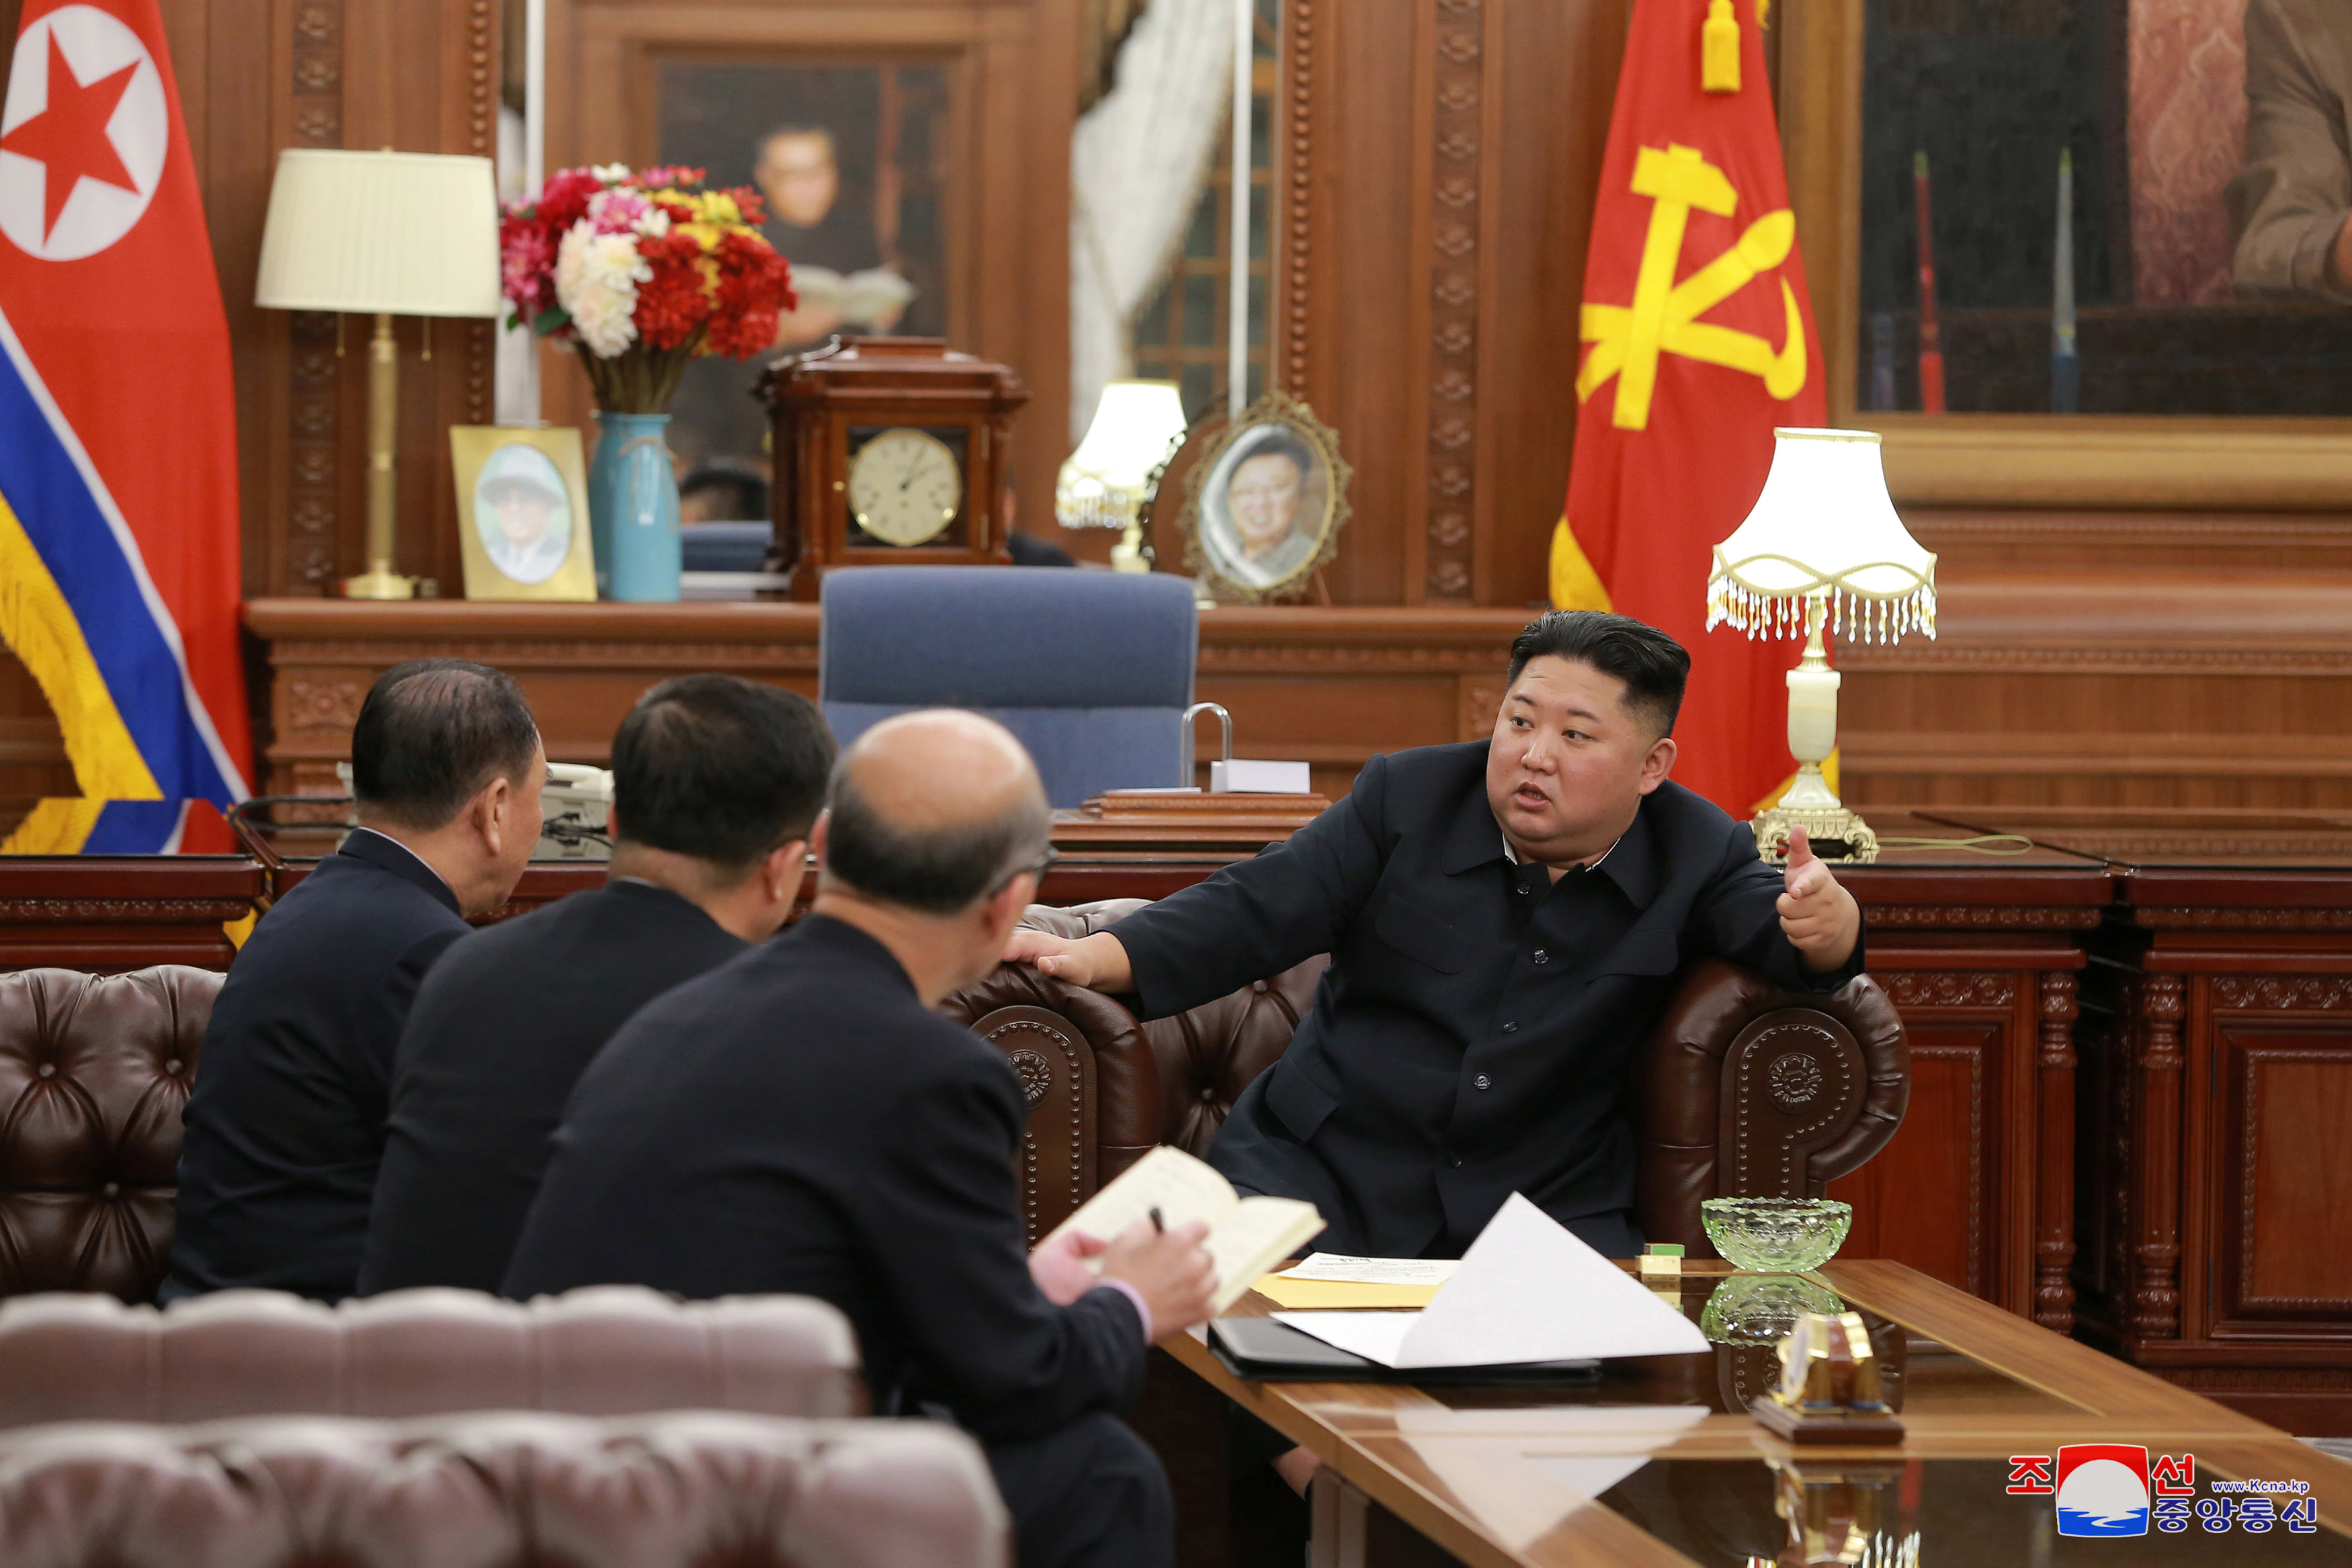 زعيم كوريا الشمالية يلتقى وفد بلاده الذى زار أمريكا (1)